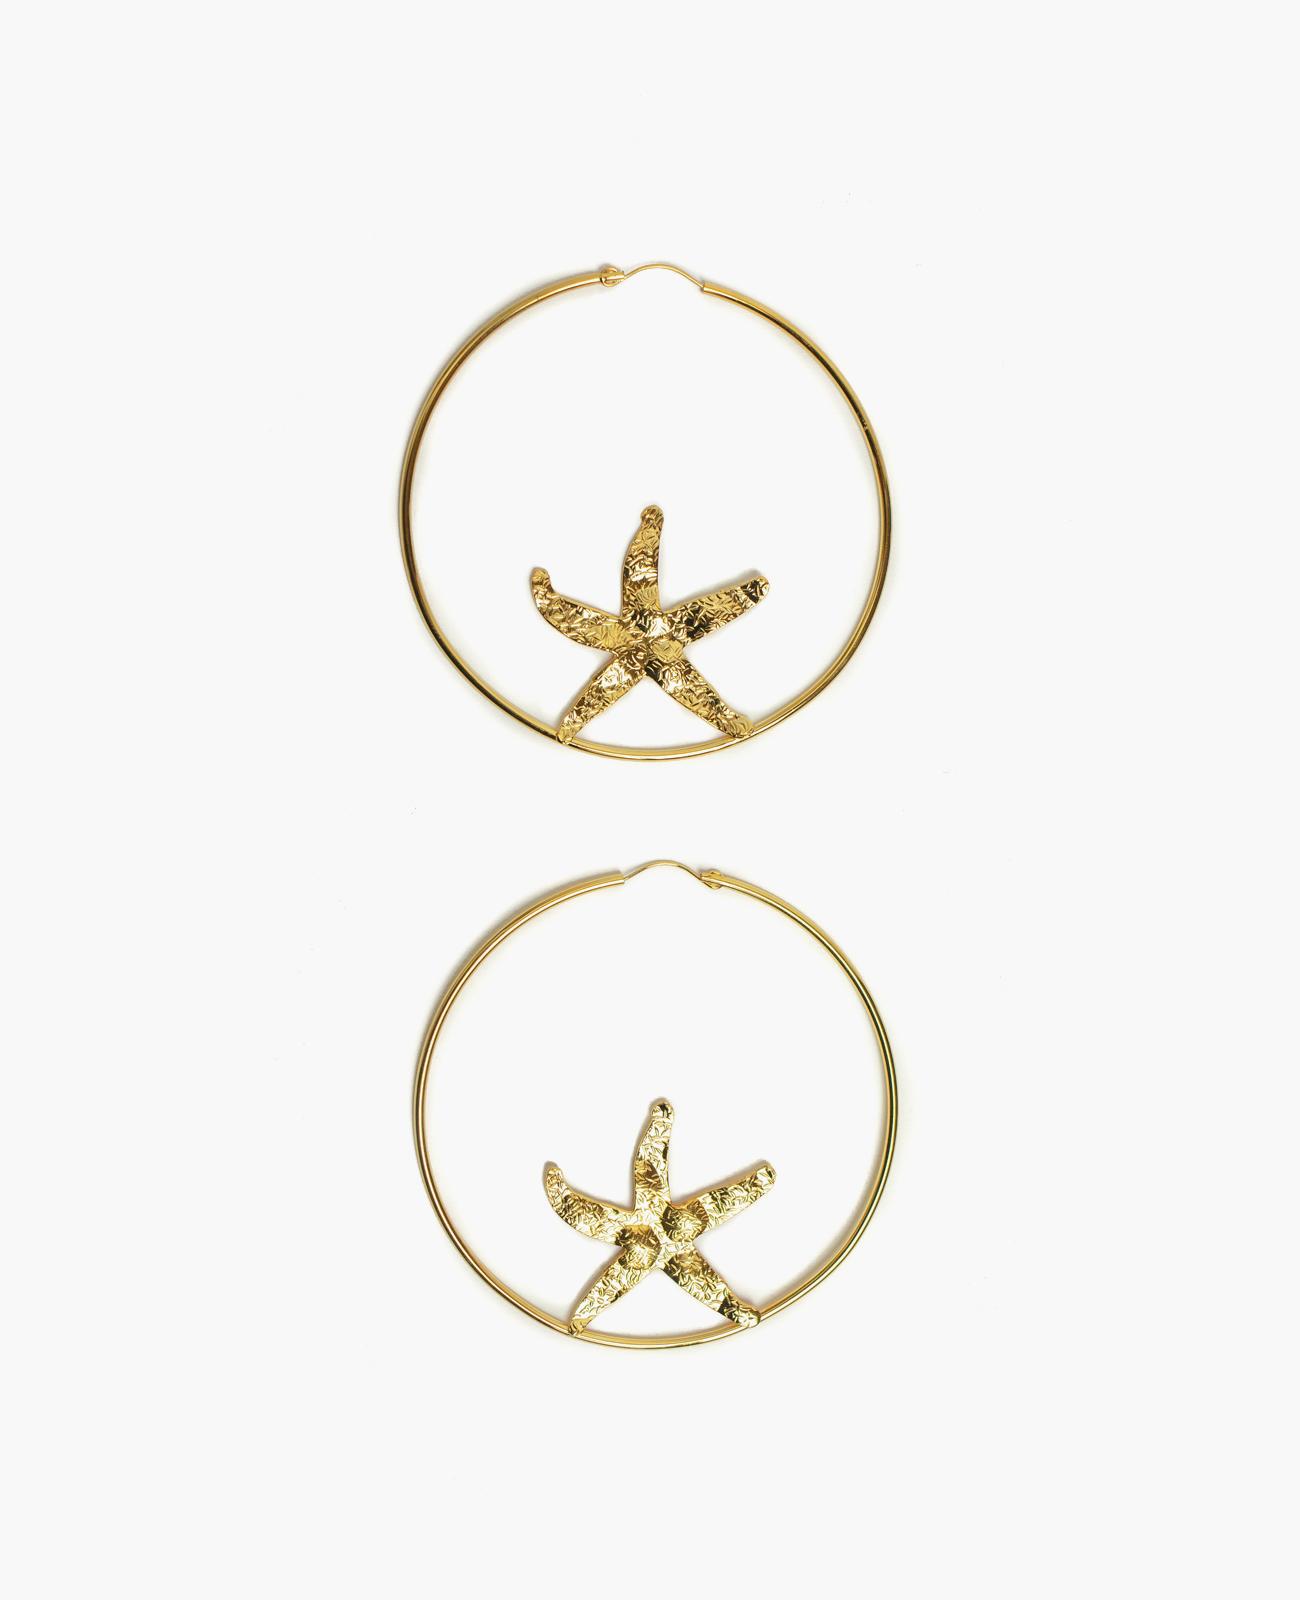 SEA STAR hoop earrings